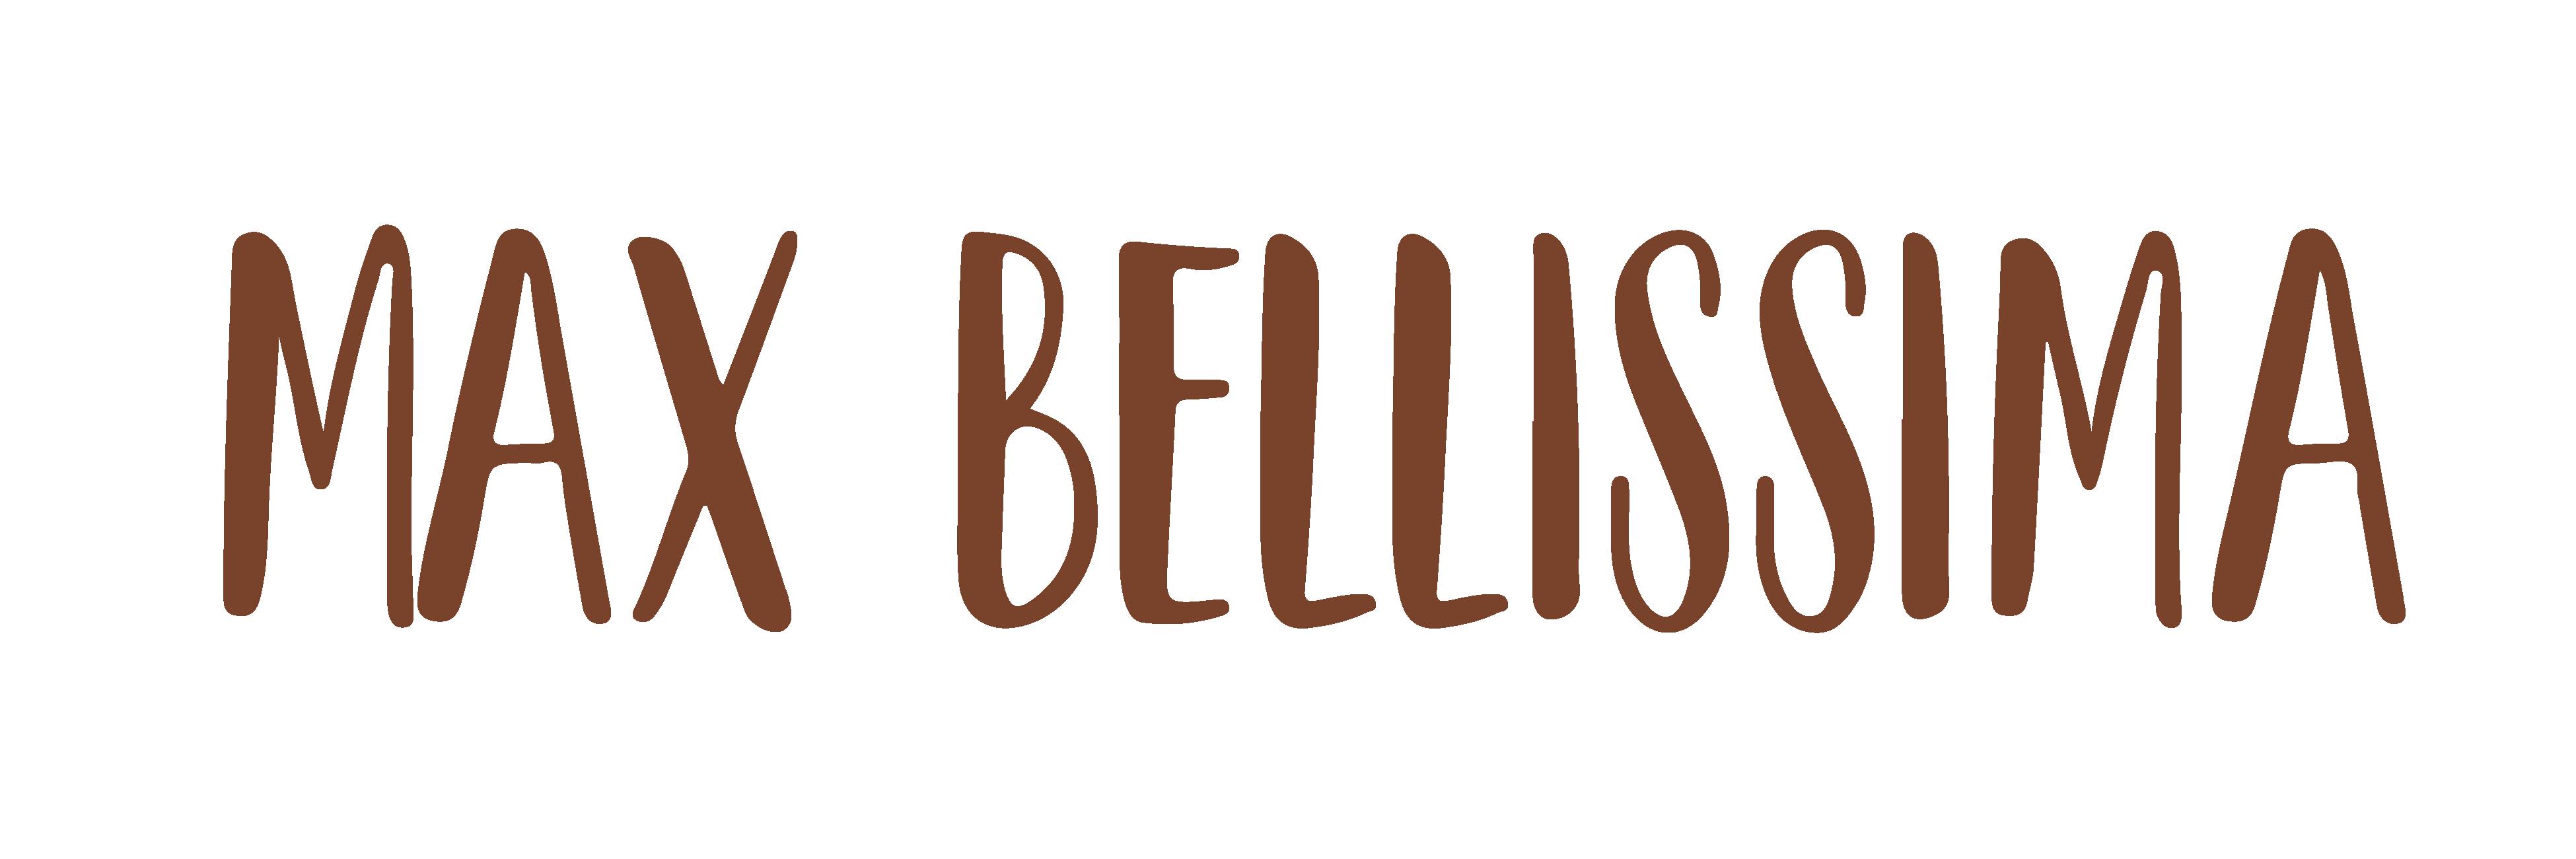 Max Bellissima